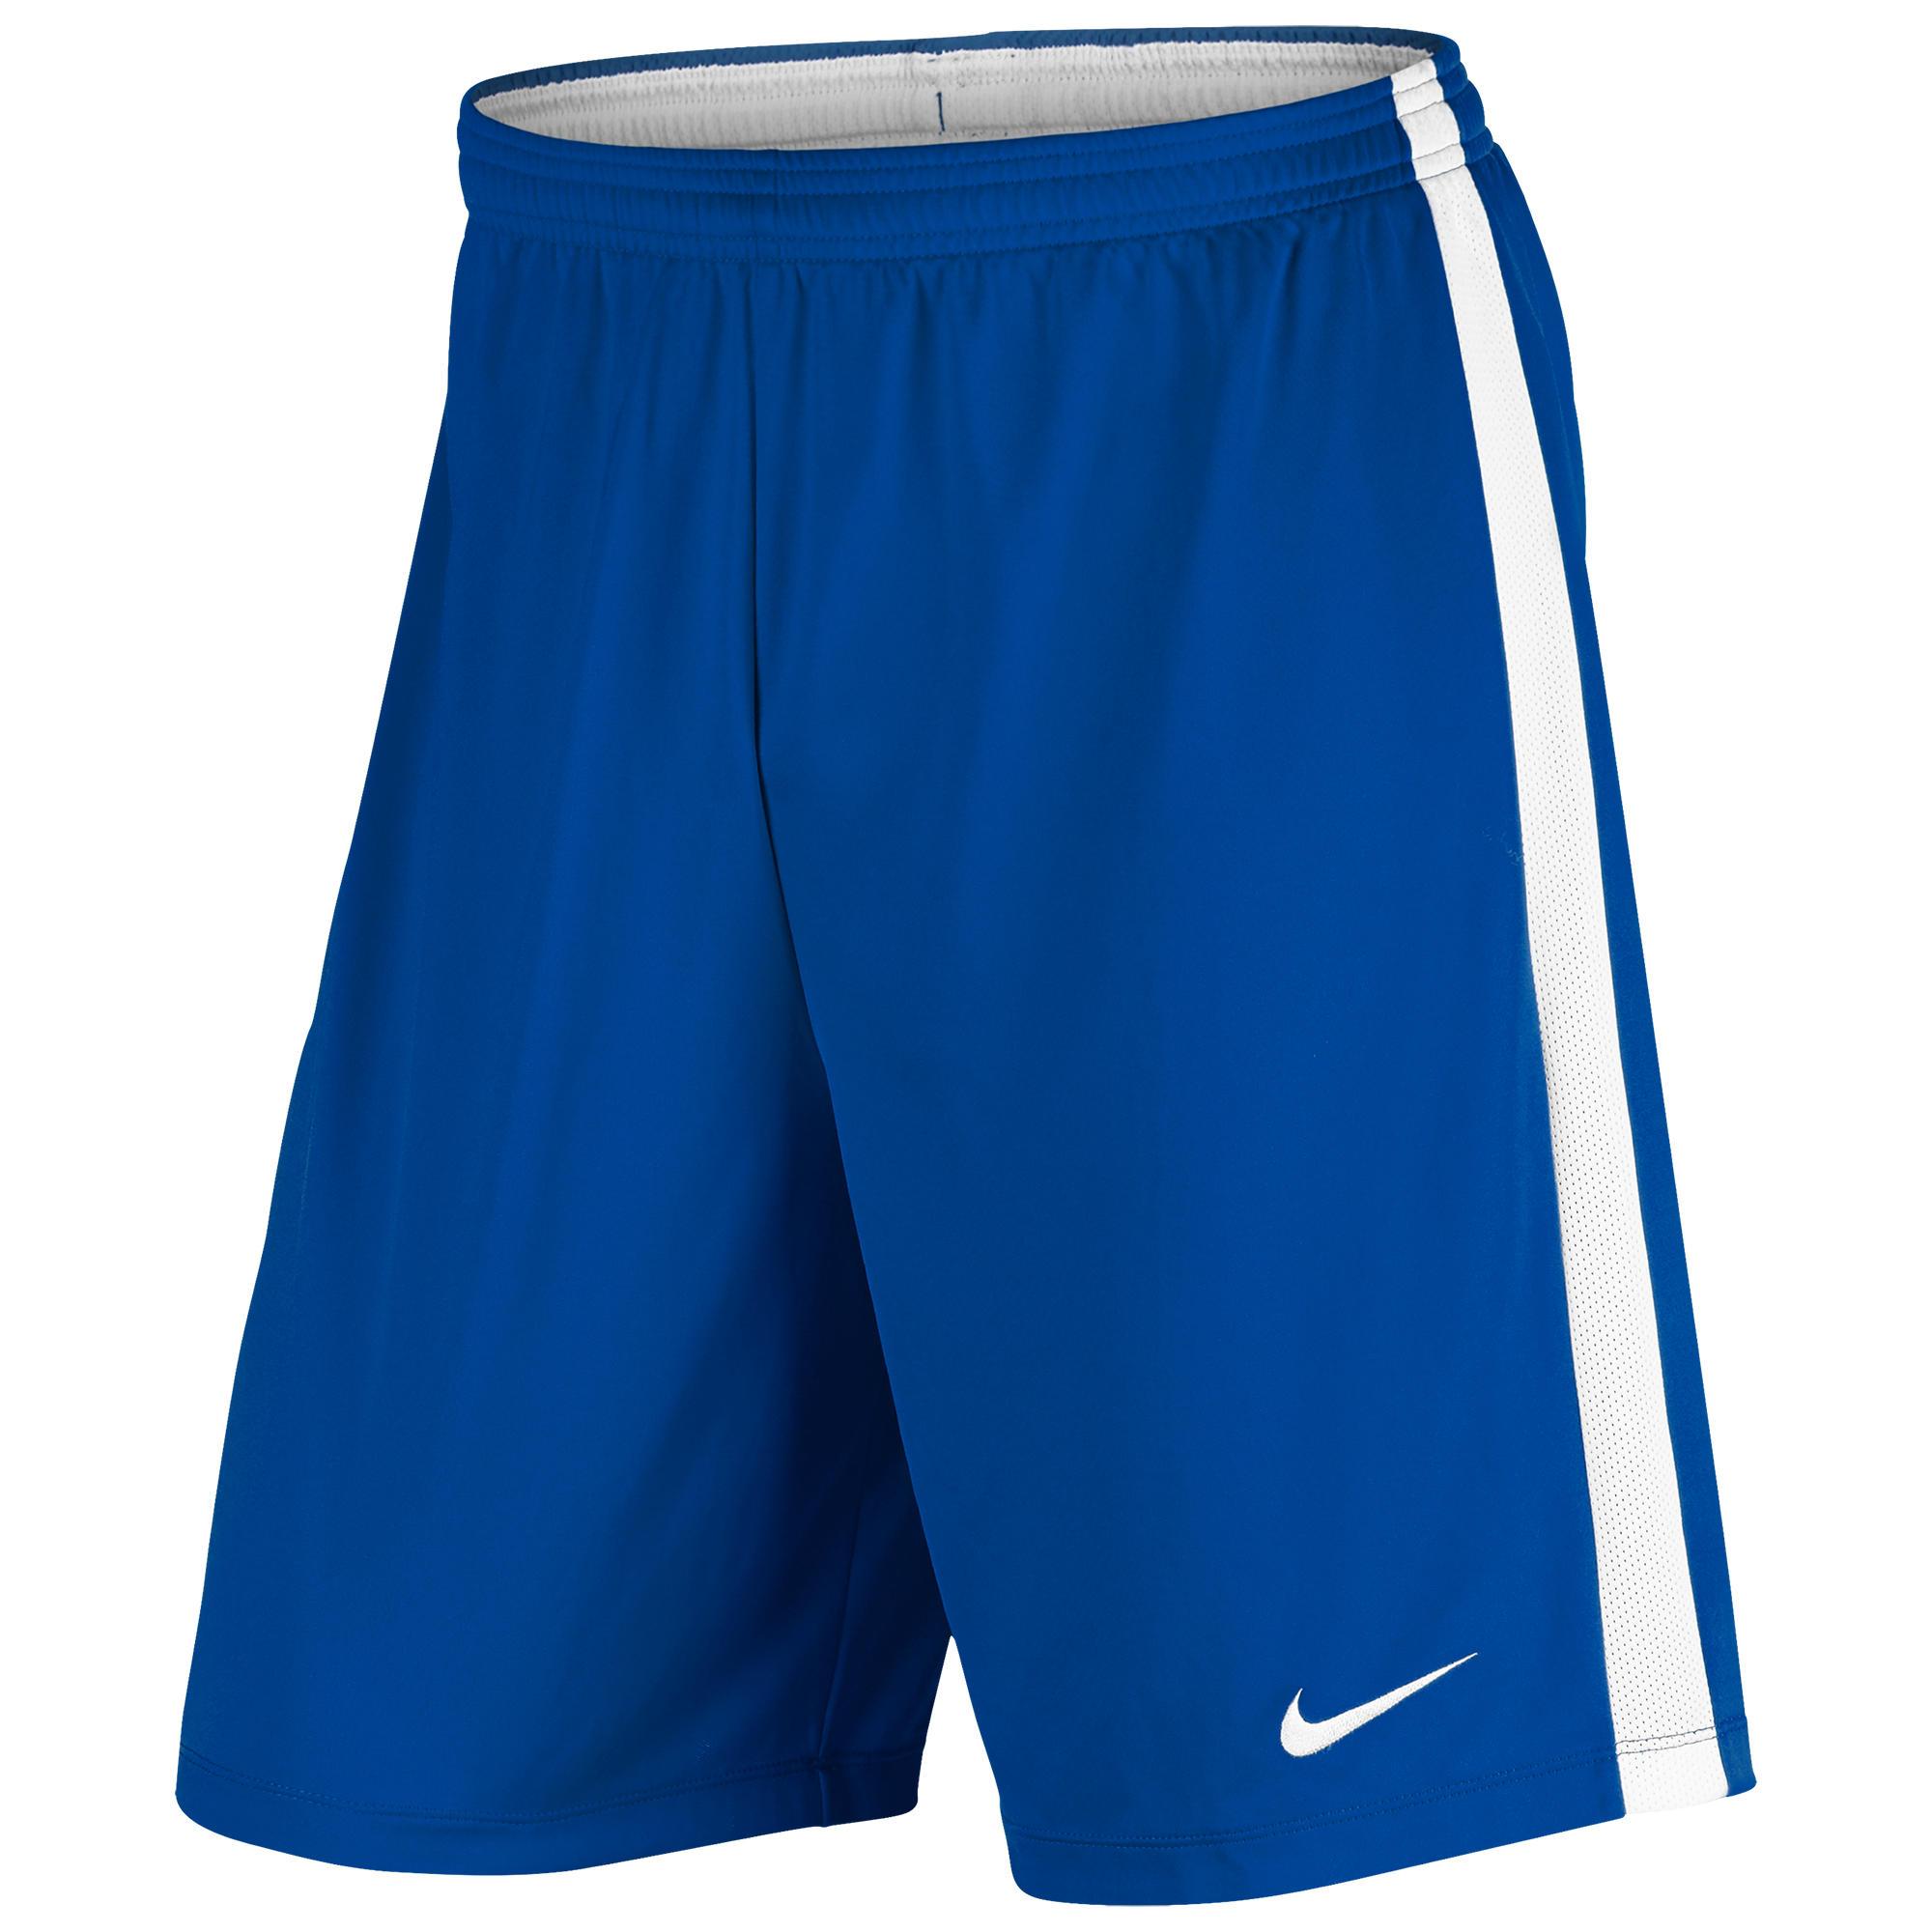 Nike Voetbalbroekje Academy voor volwassenen blauw